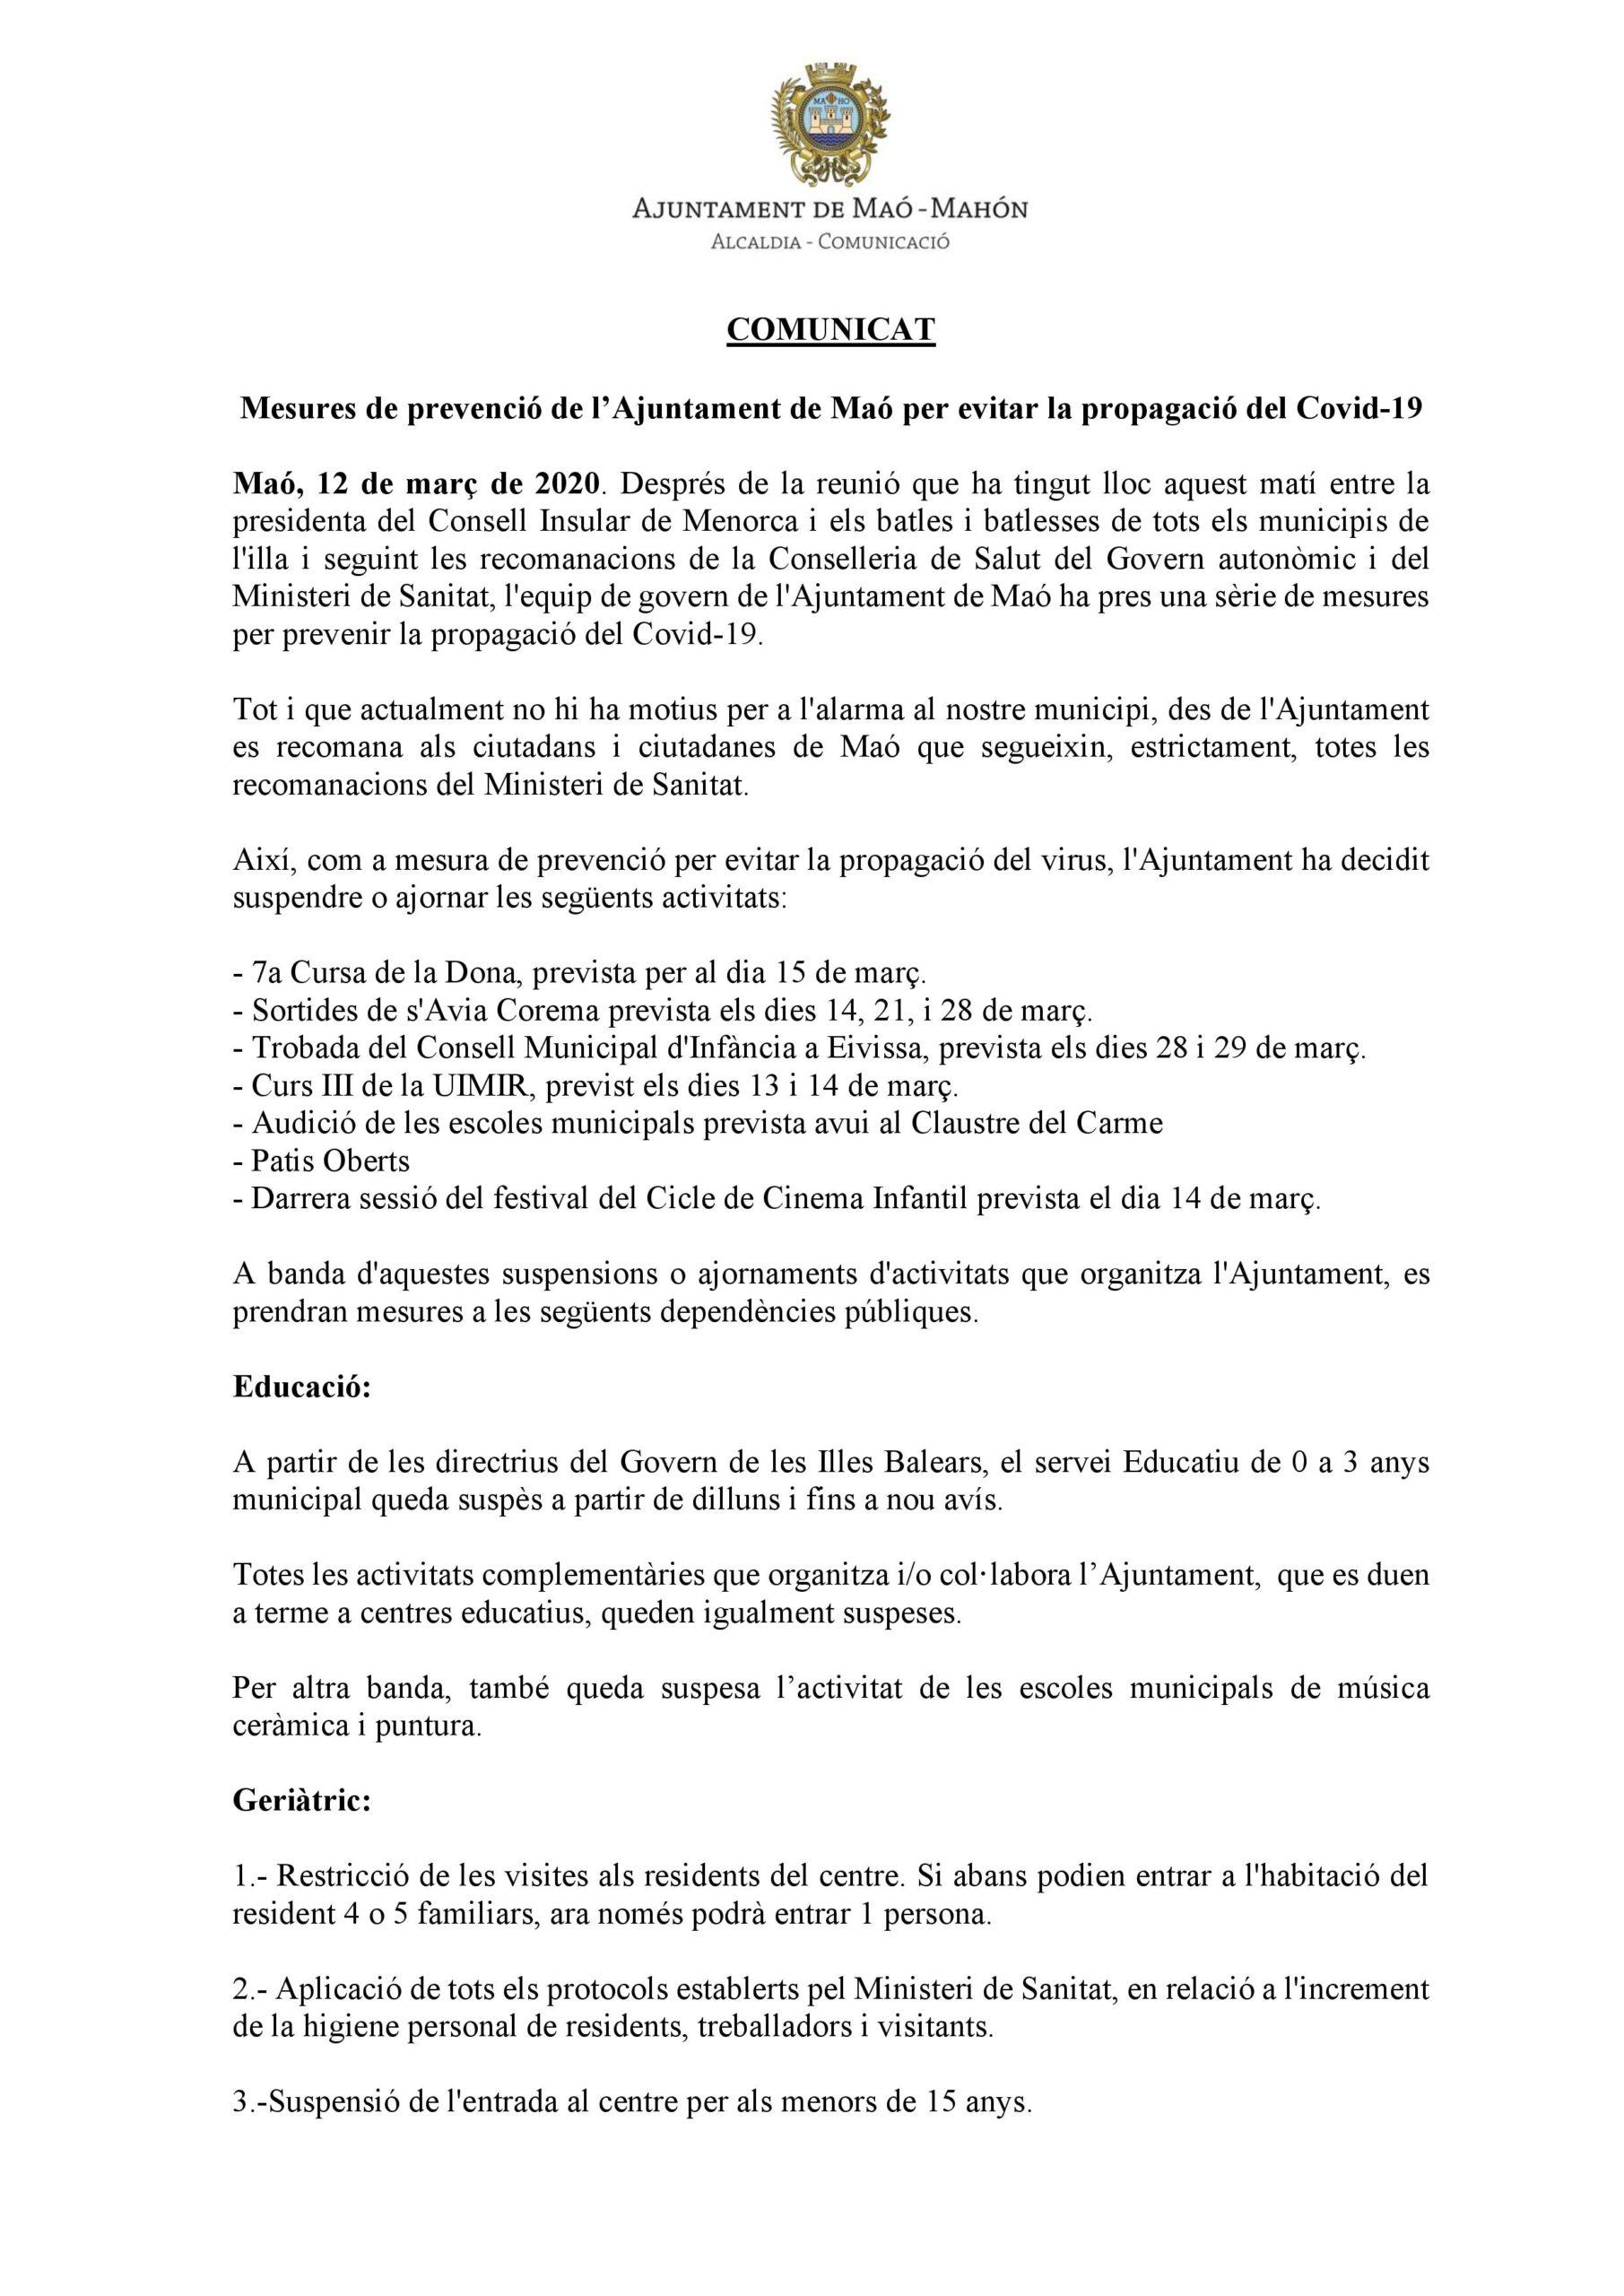 Comunicado sobre el Corona Virus del Ayuntamiento de Maó – 12 de marzo